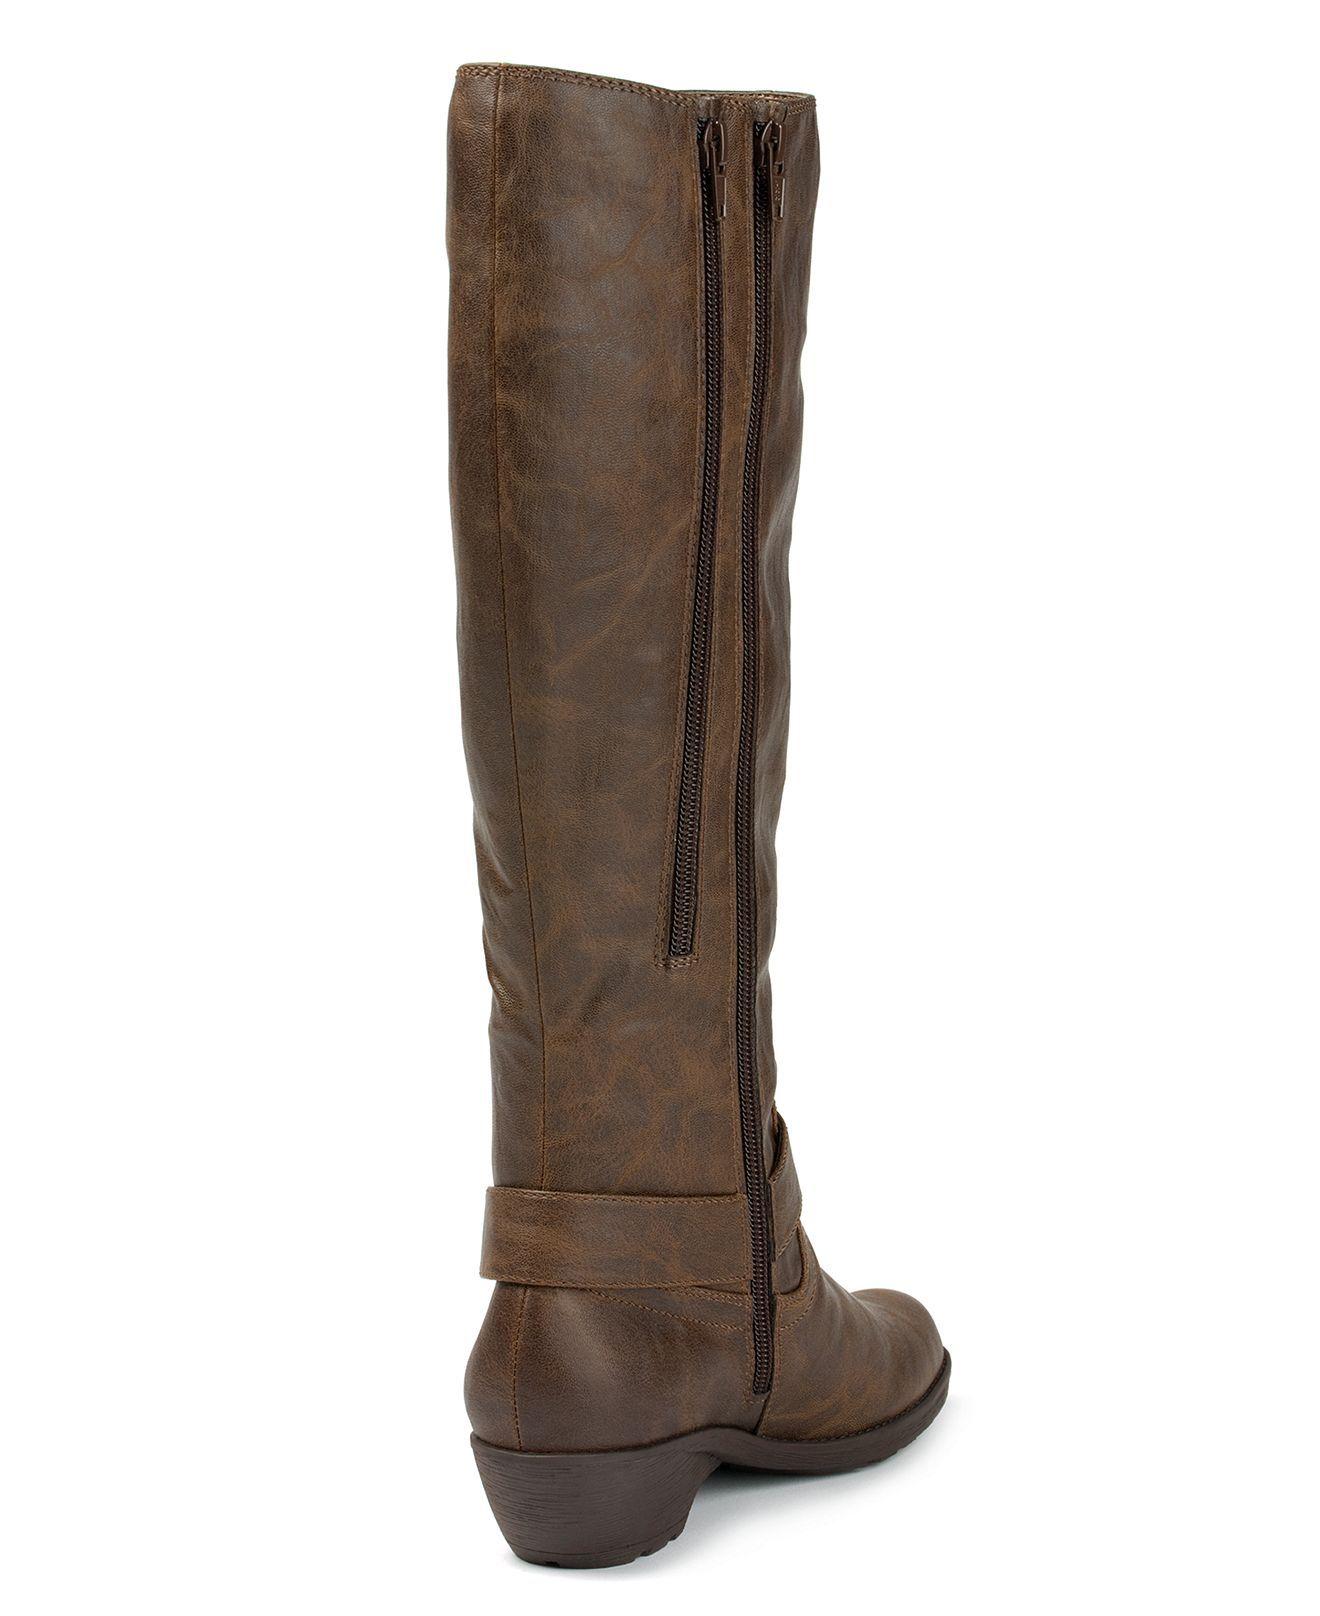 637c48a4f9 Aerosoles Mezzotint Wide Calf Boots - Wide Calf Boots - Shoes - Macy's